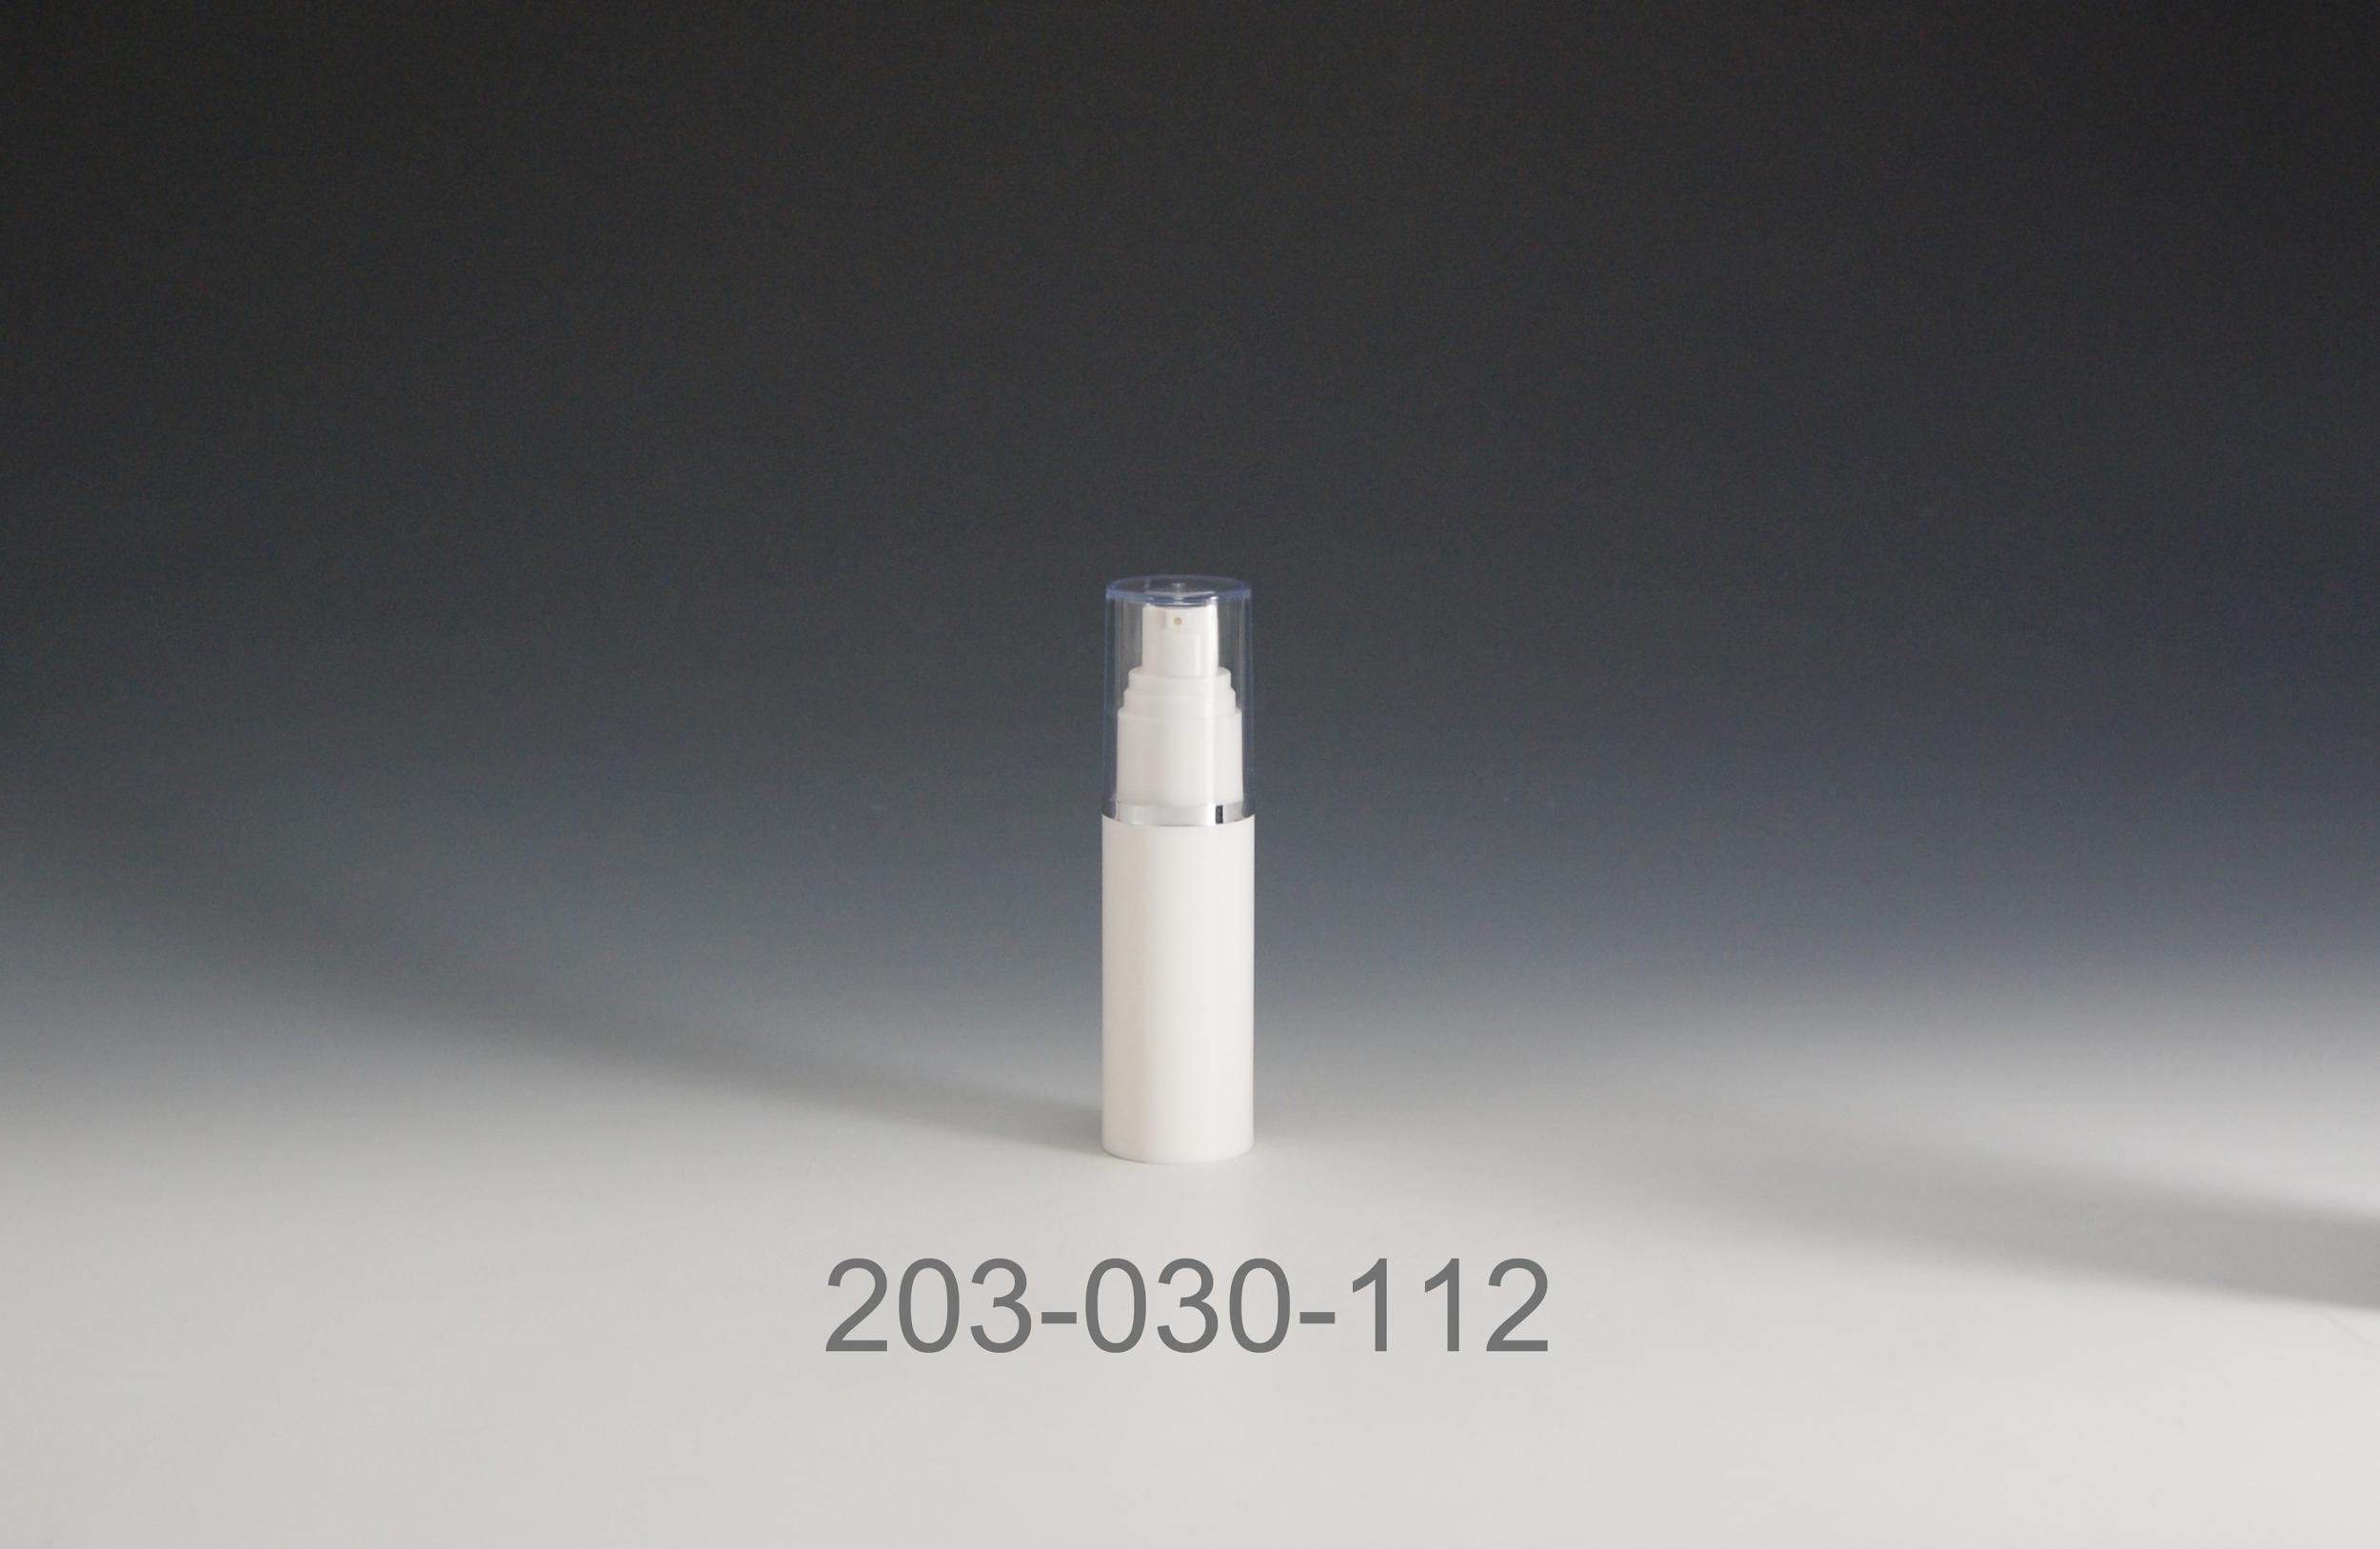 203-030-112.jpg